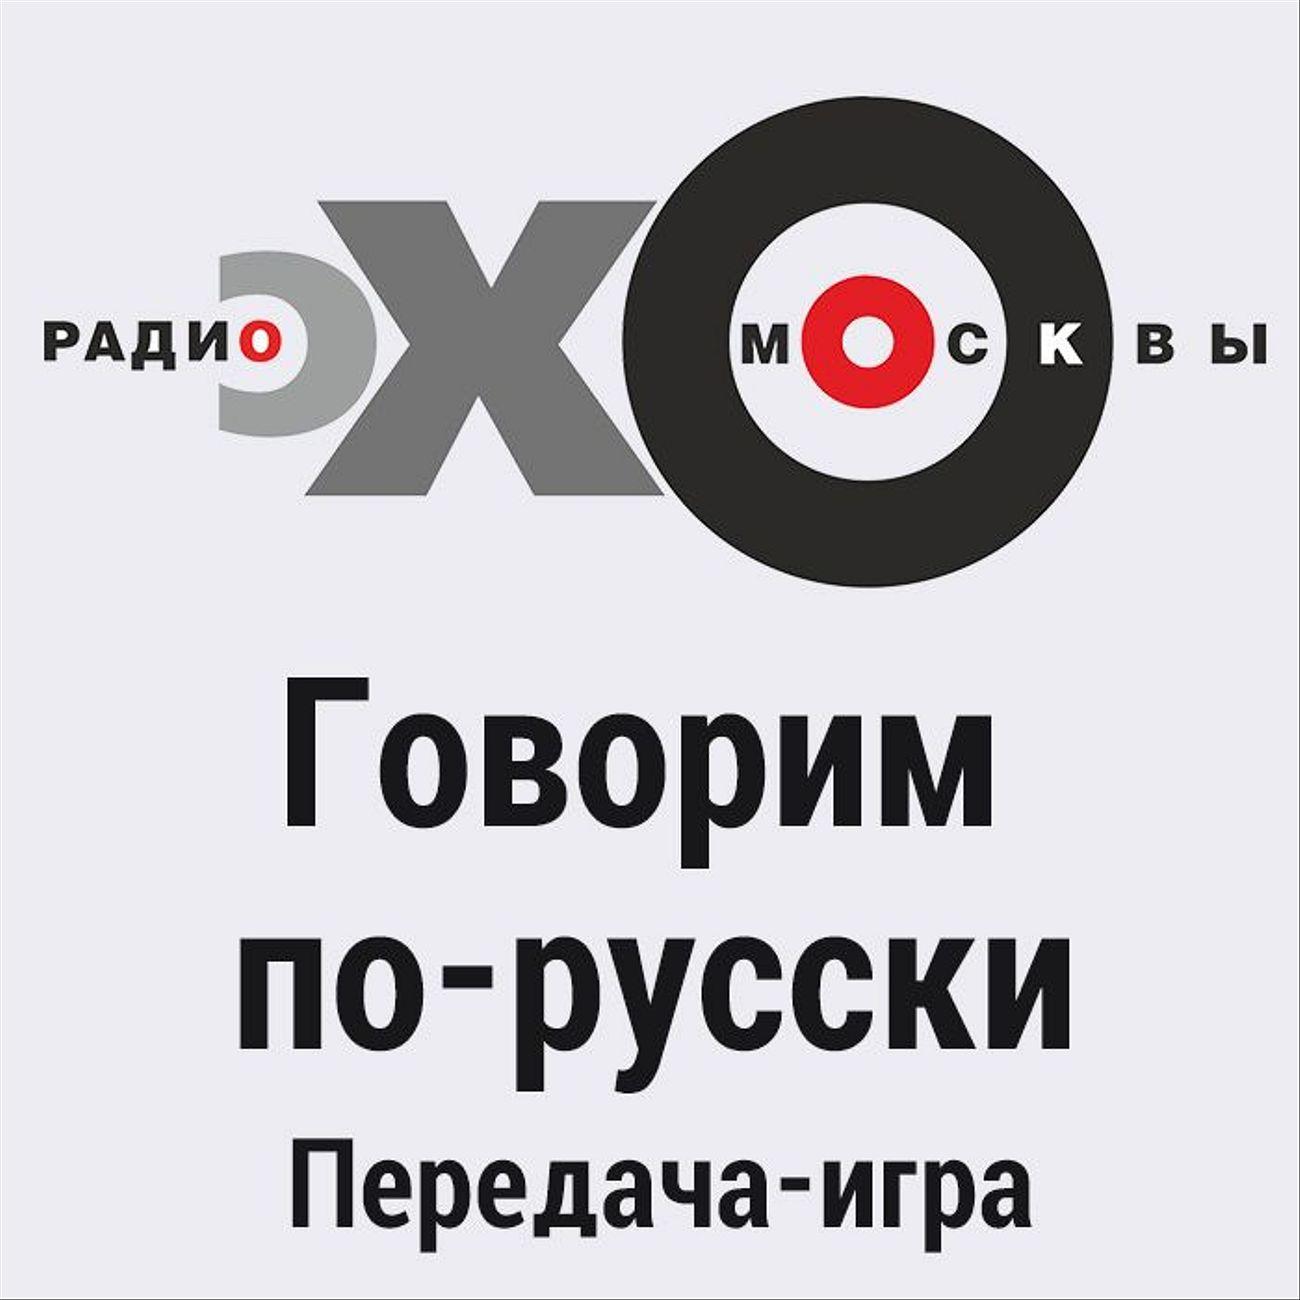 Говорим по-русски. Передача-игра